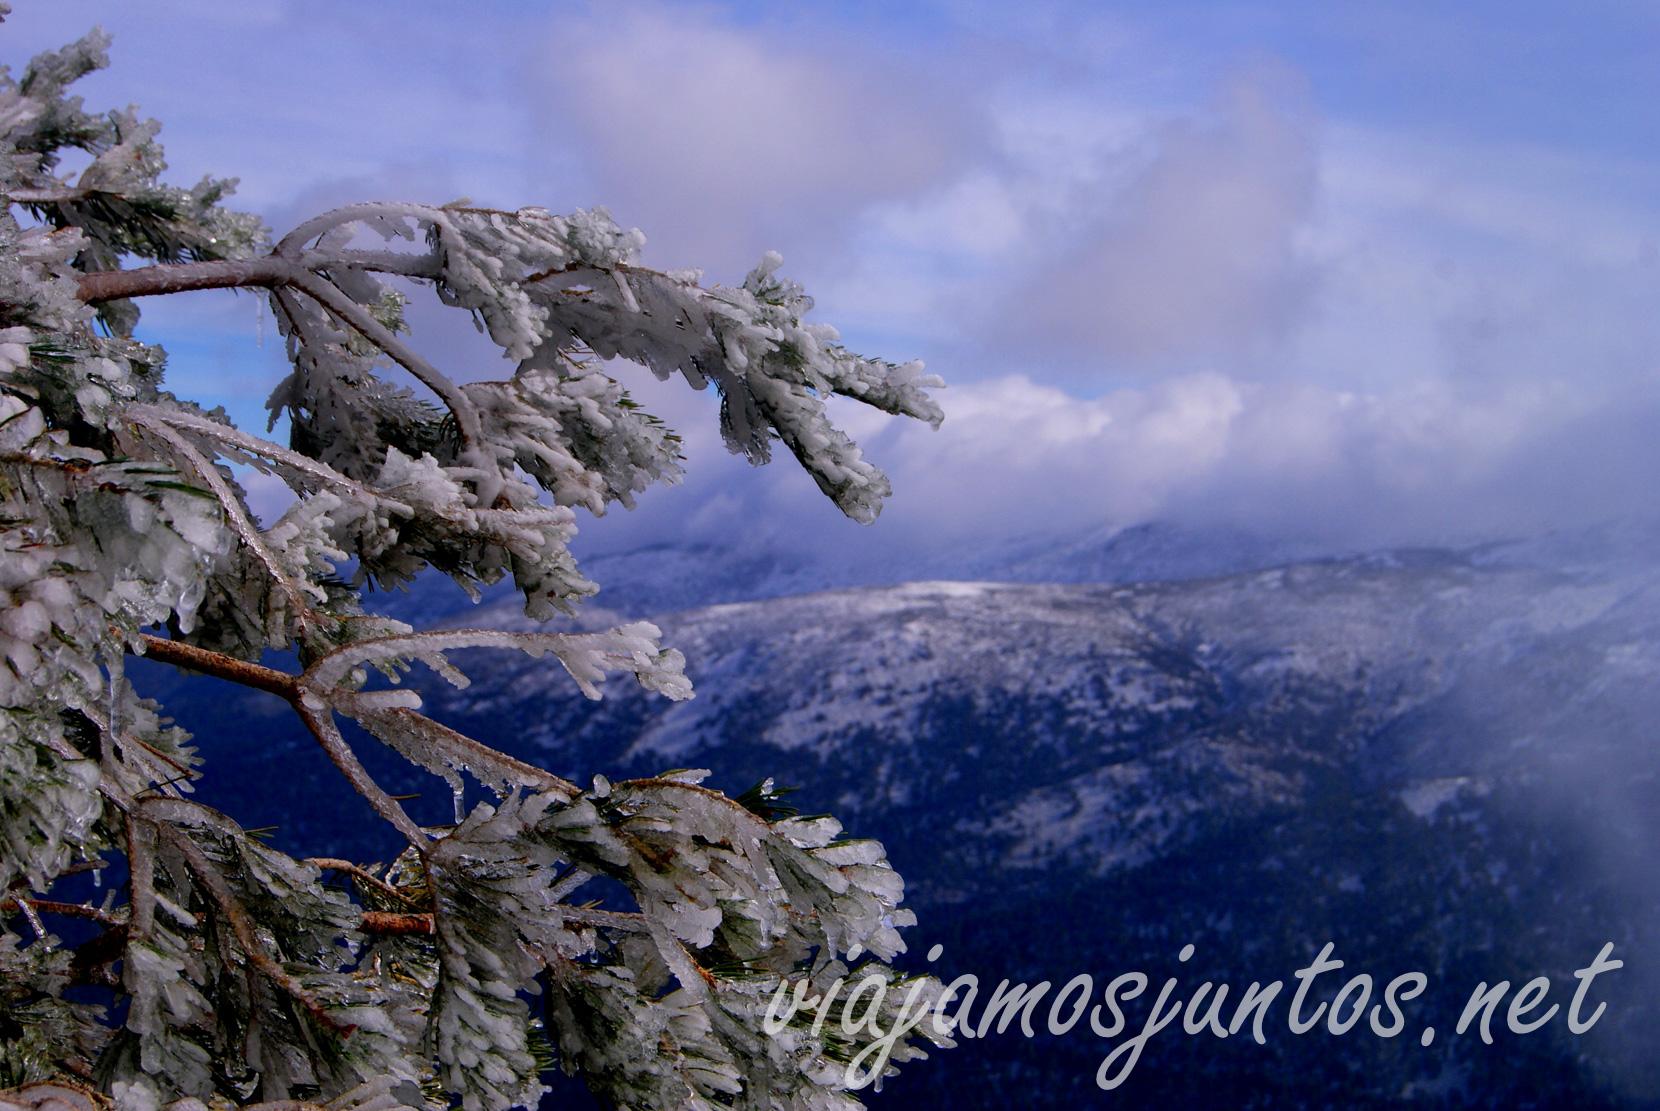 Los paisajes es el gran tesoro de la Sierra de Madrid Peñalara, el pico más alto de la comunidad de Madrid y Segovia. Ruta circular